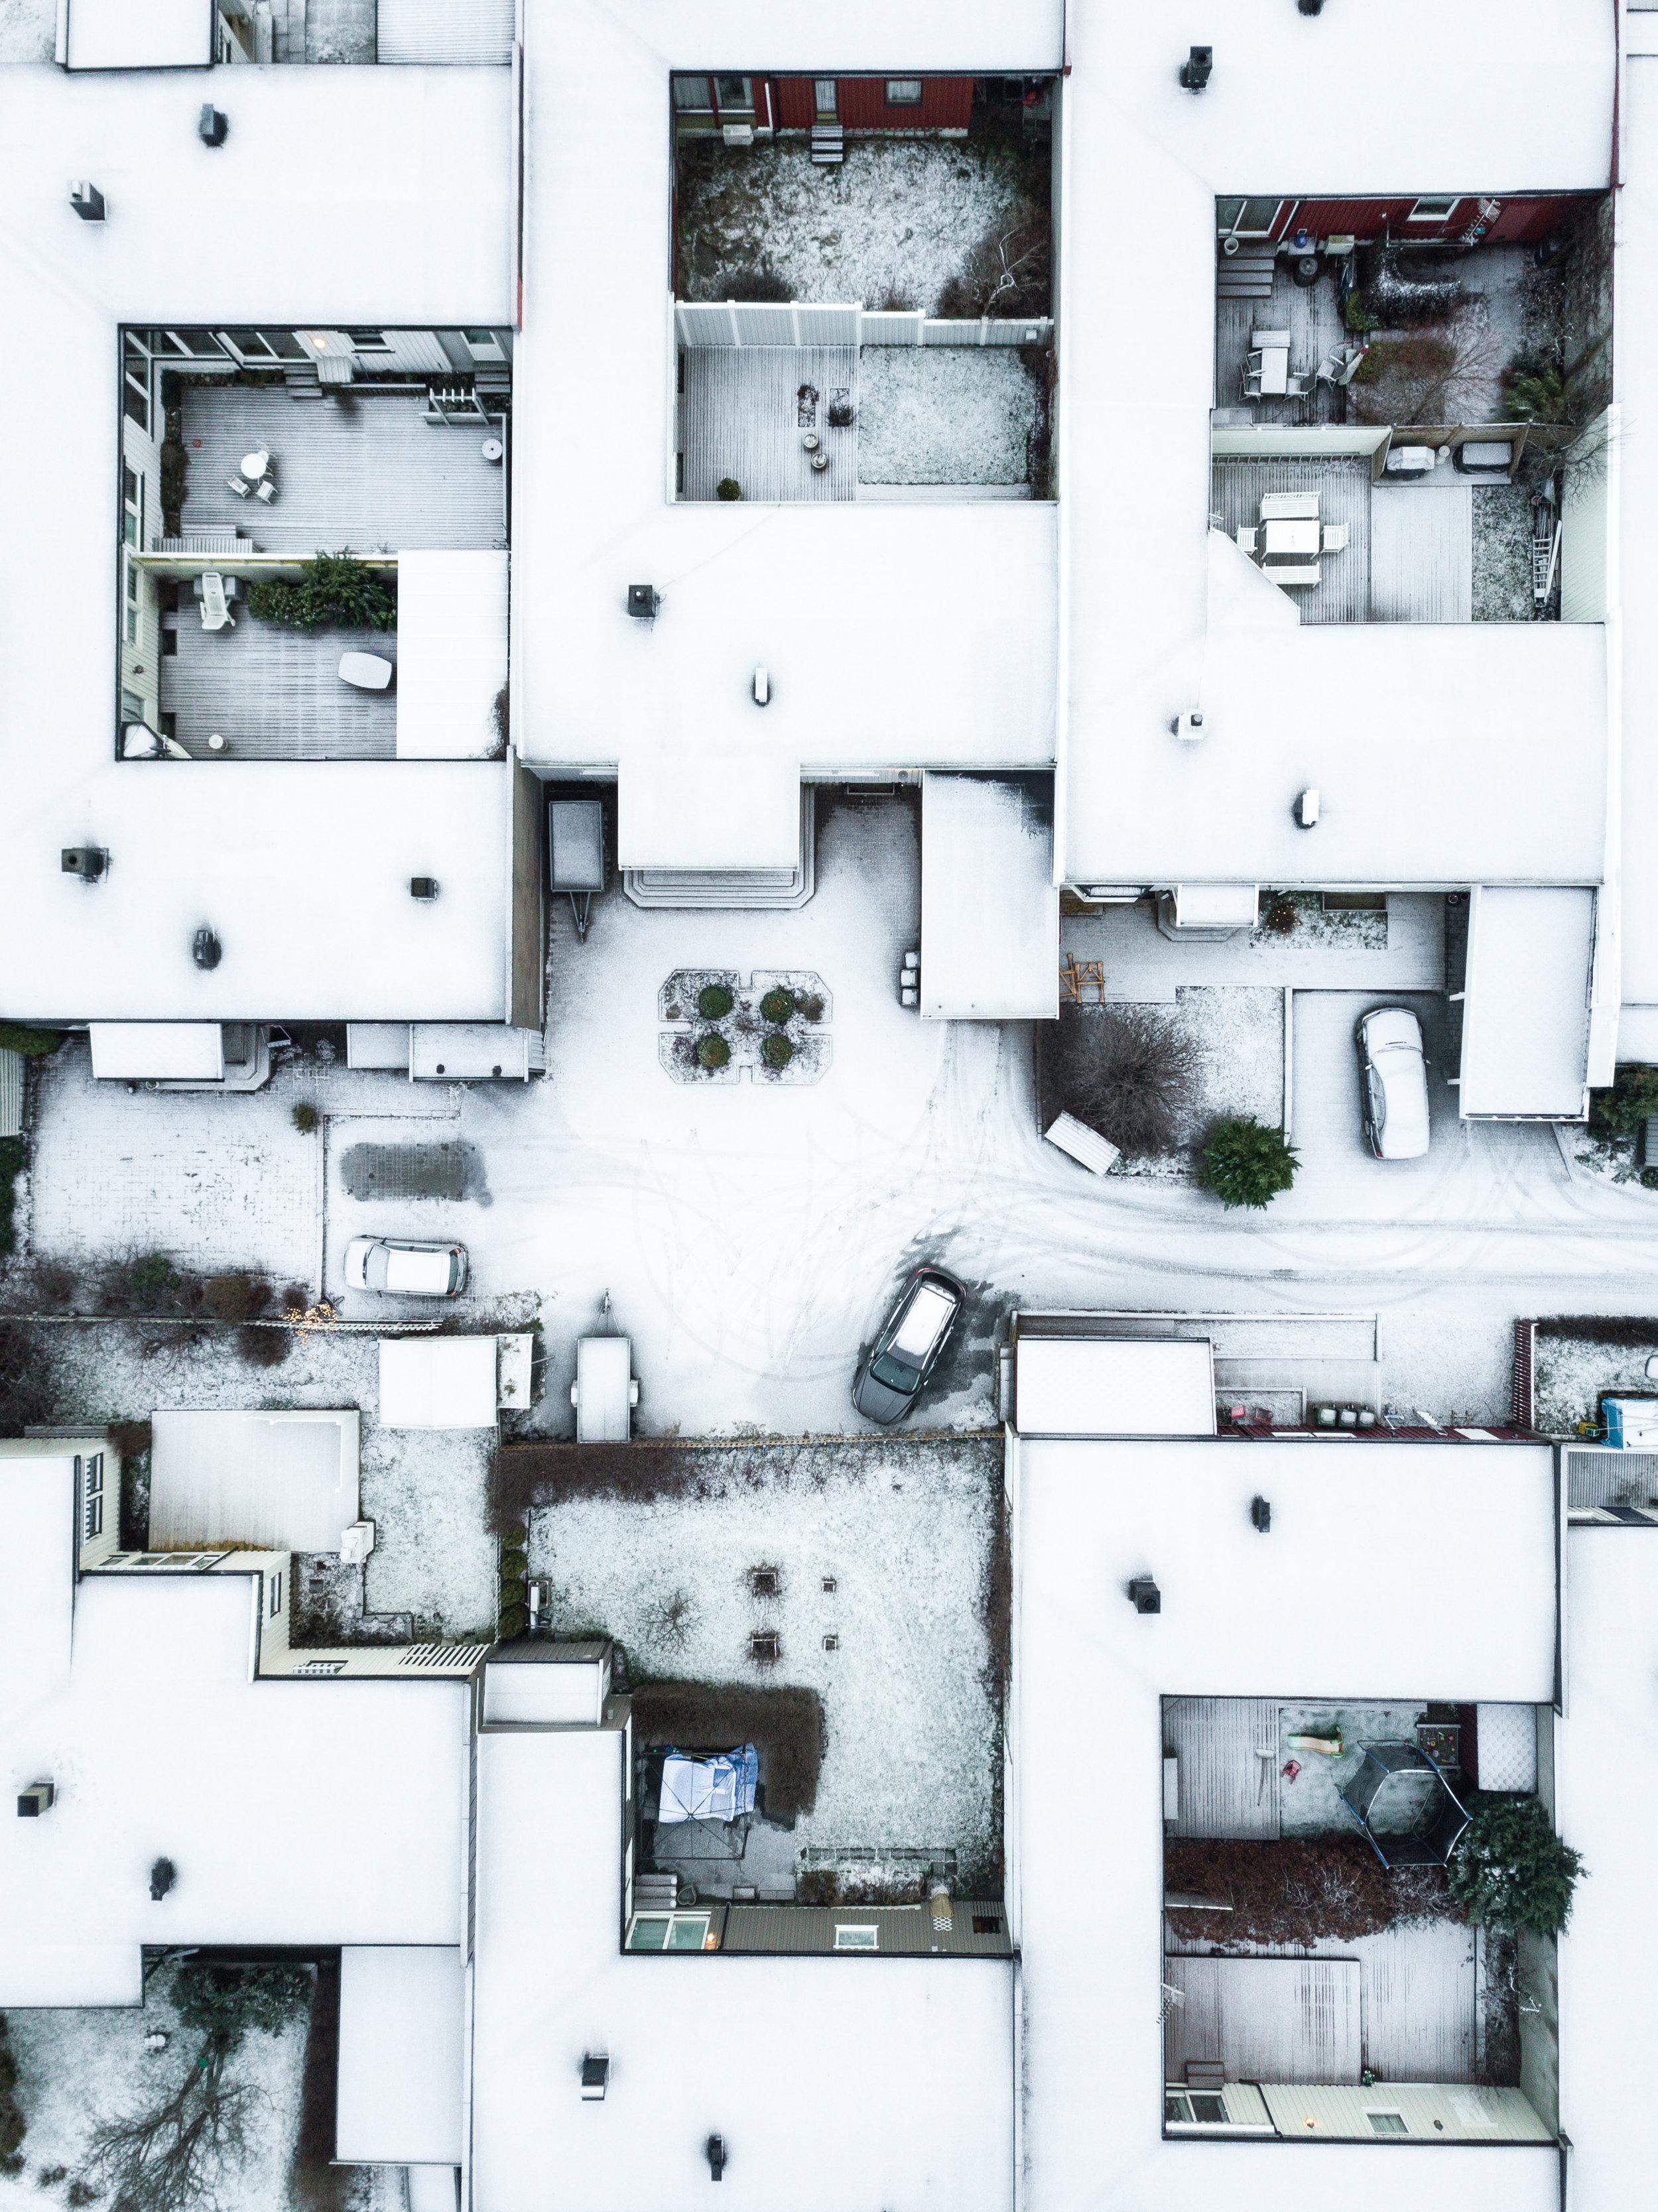 """foto: Torstein Lund Eik - """"Norway in a nutshell 1"""""""